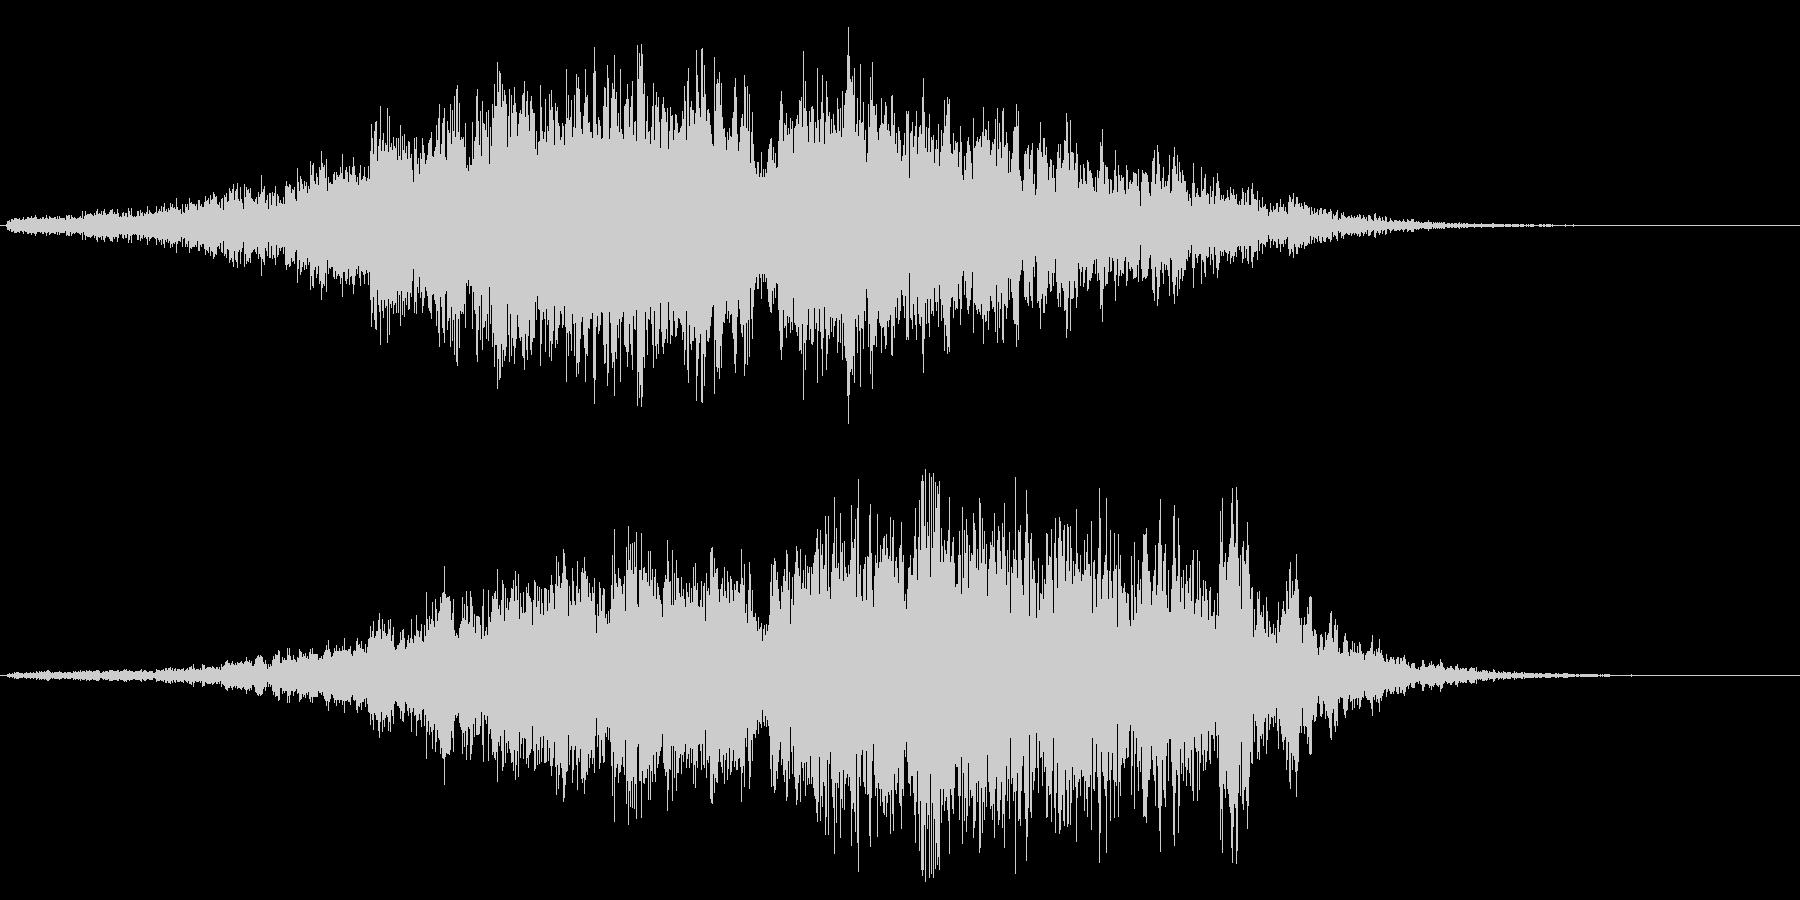 ヒュイーチャコォーン(未知の高速通過音)の未再生の波形